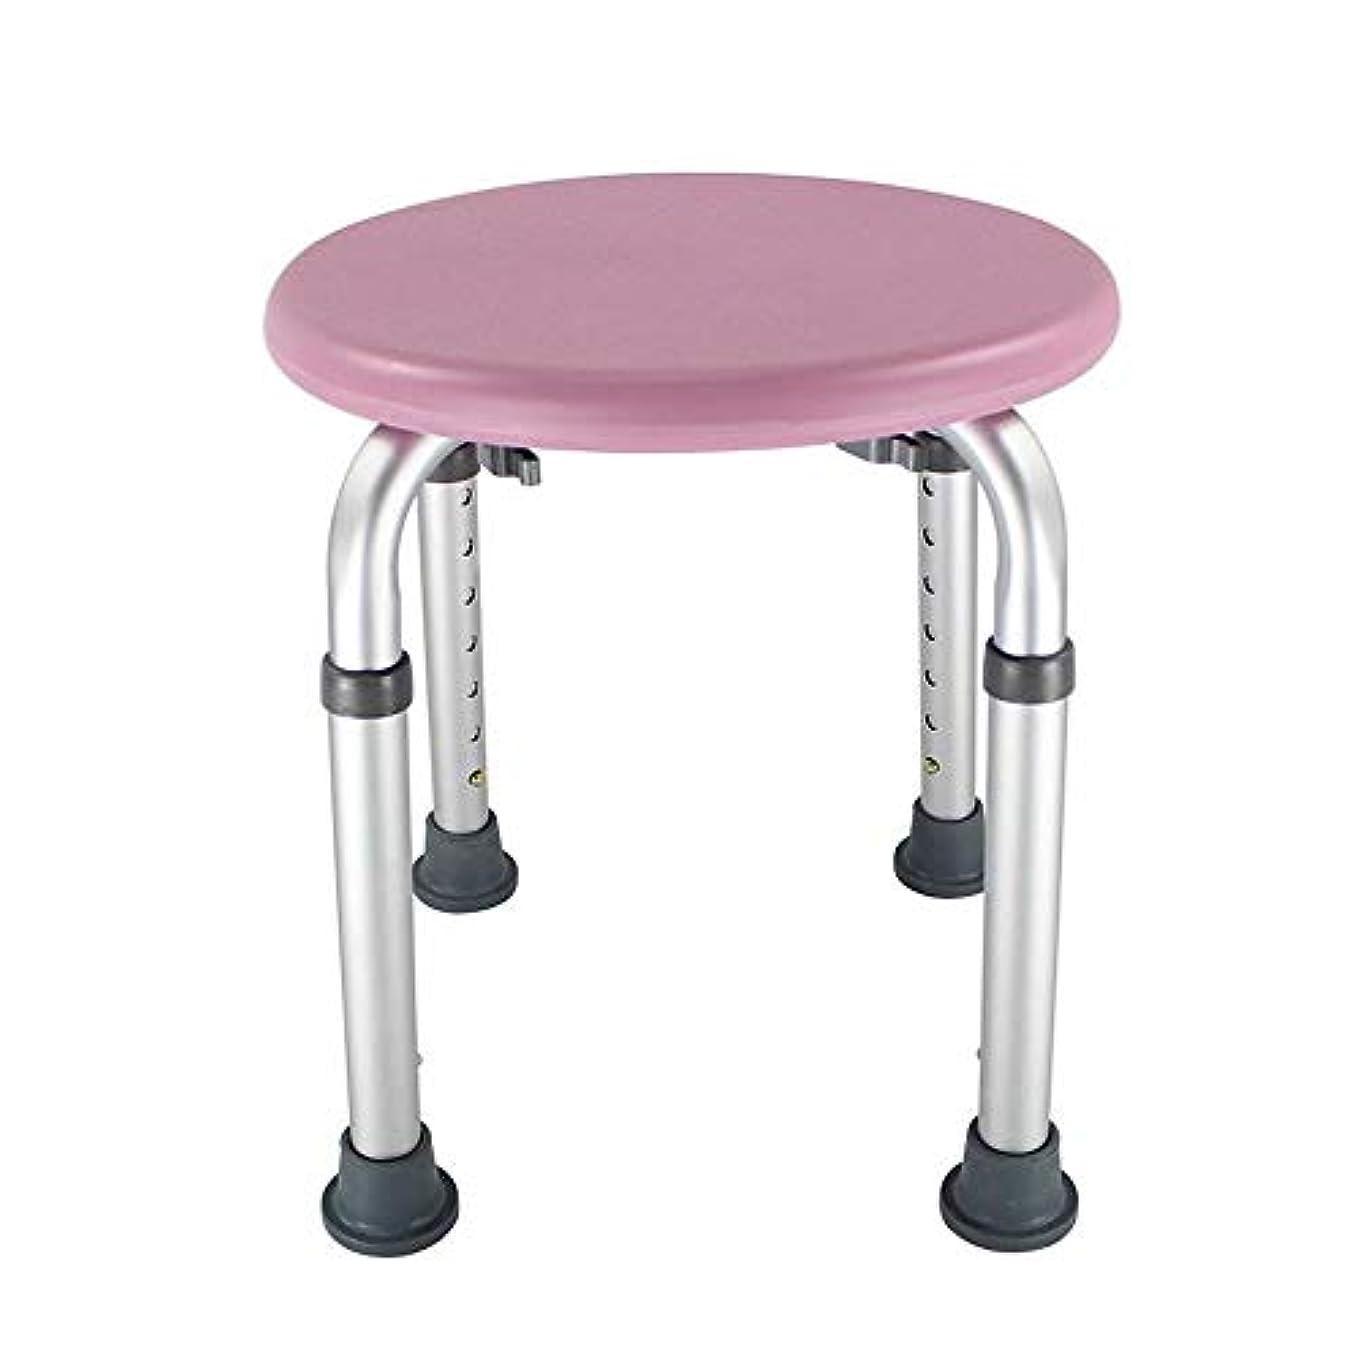 貴重な寄託願う調節可能な高さのラウンドバスシートまたは高齢者用シャワースツール入浴用品